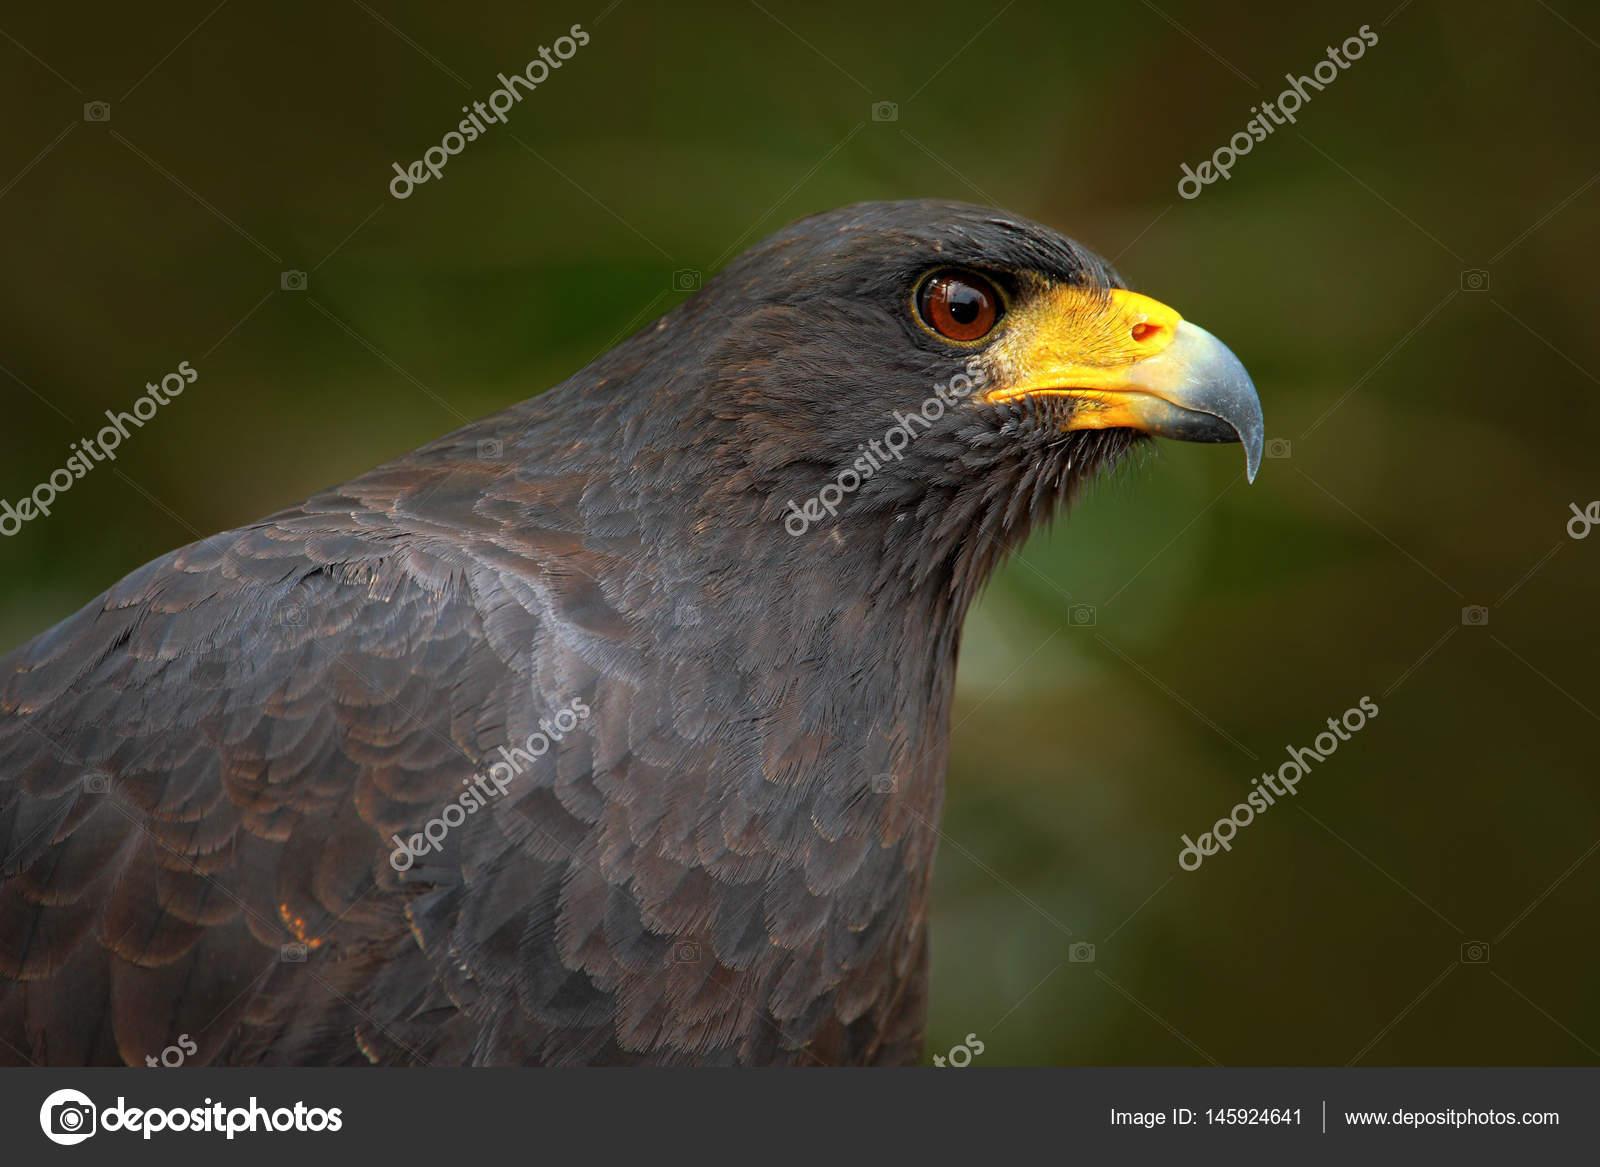 Μεγάλο μαύρο λεία και μεγάλο μαύρο πουλί